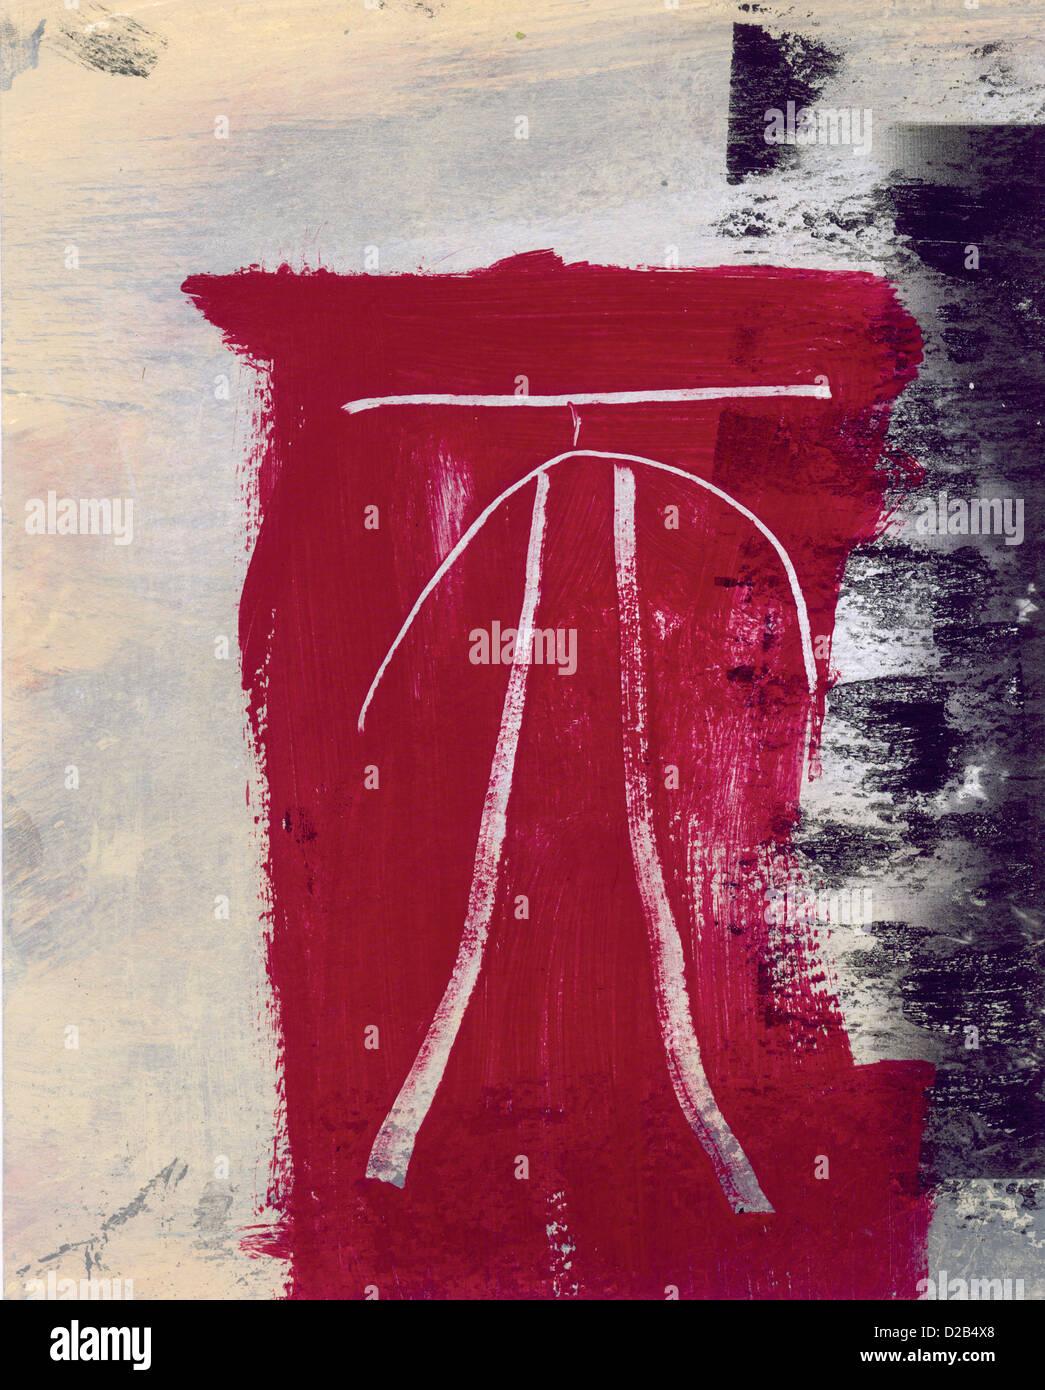 La peinture abstraite de l'ancien caractère chinois pour l'homme. Photo Stock